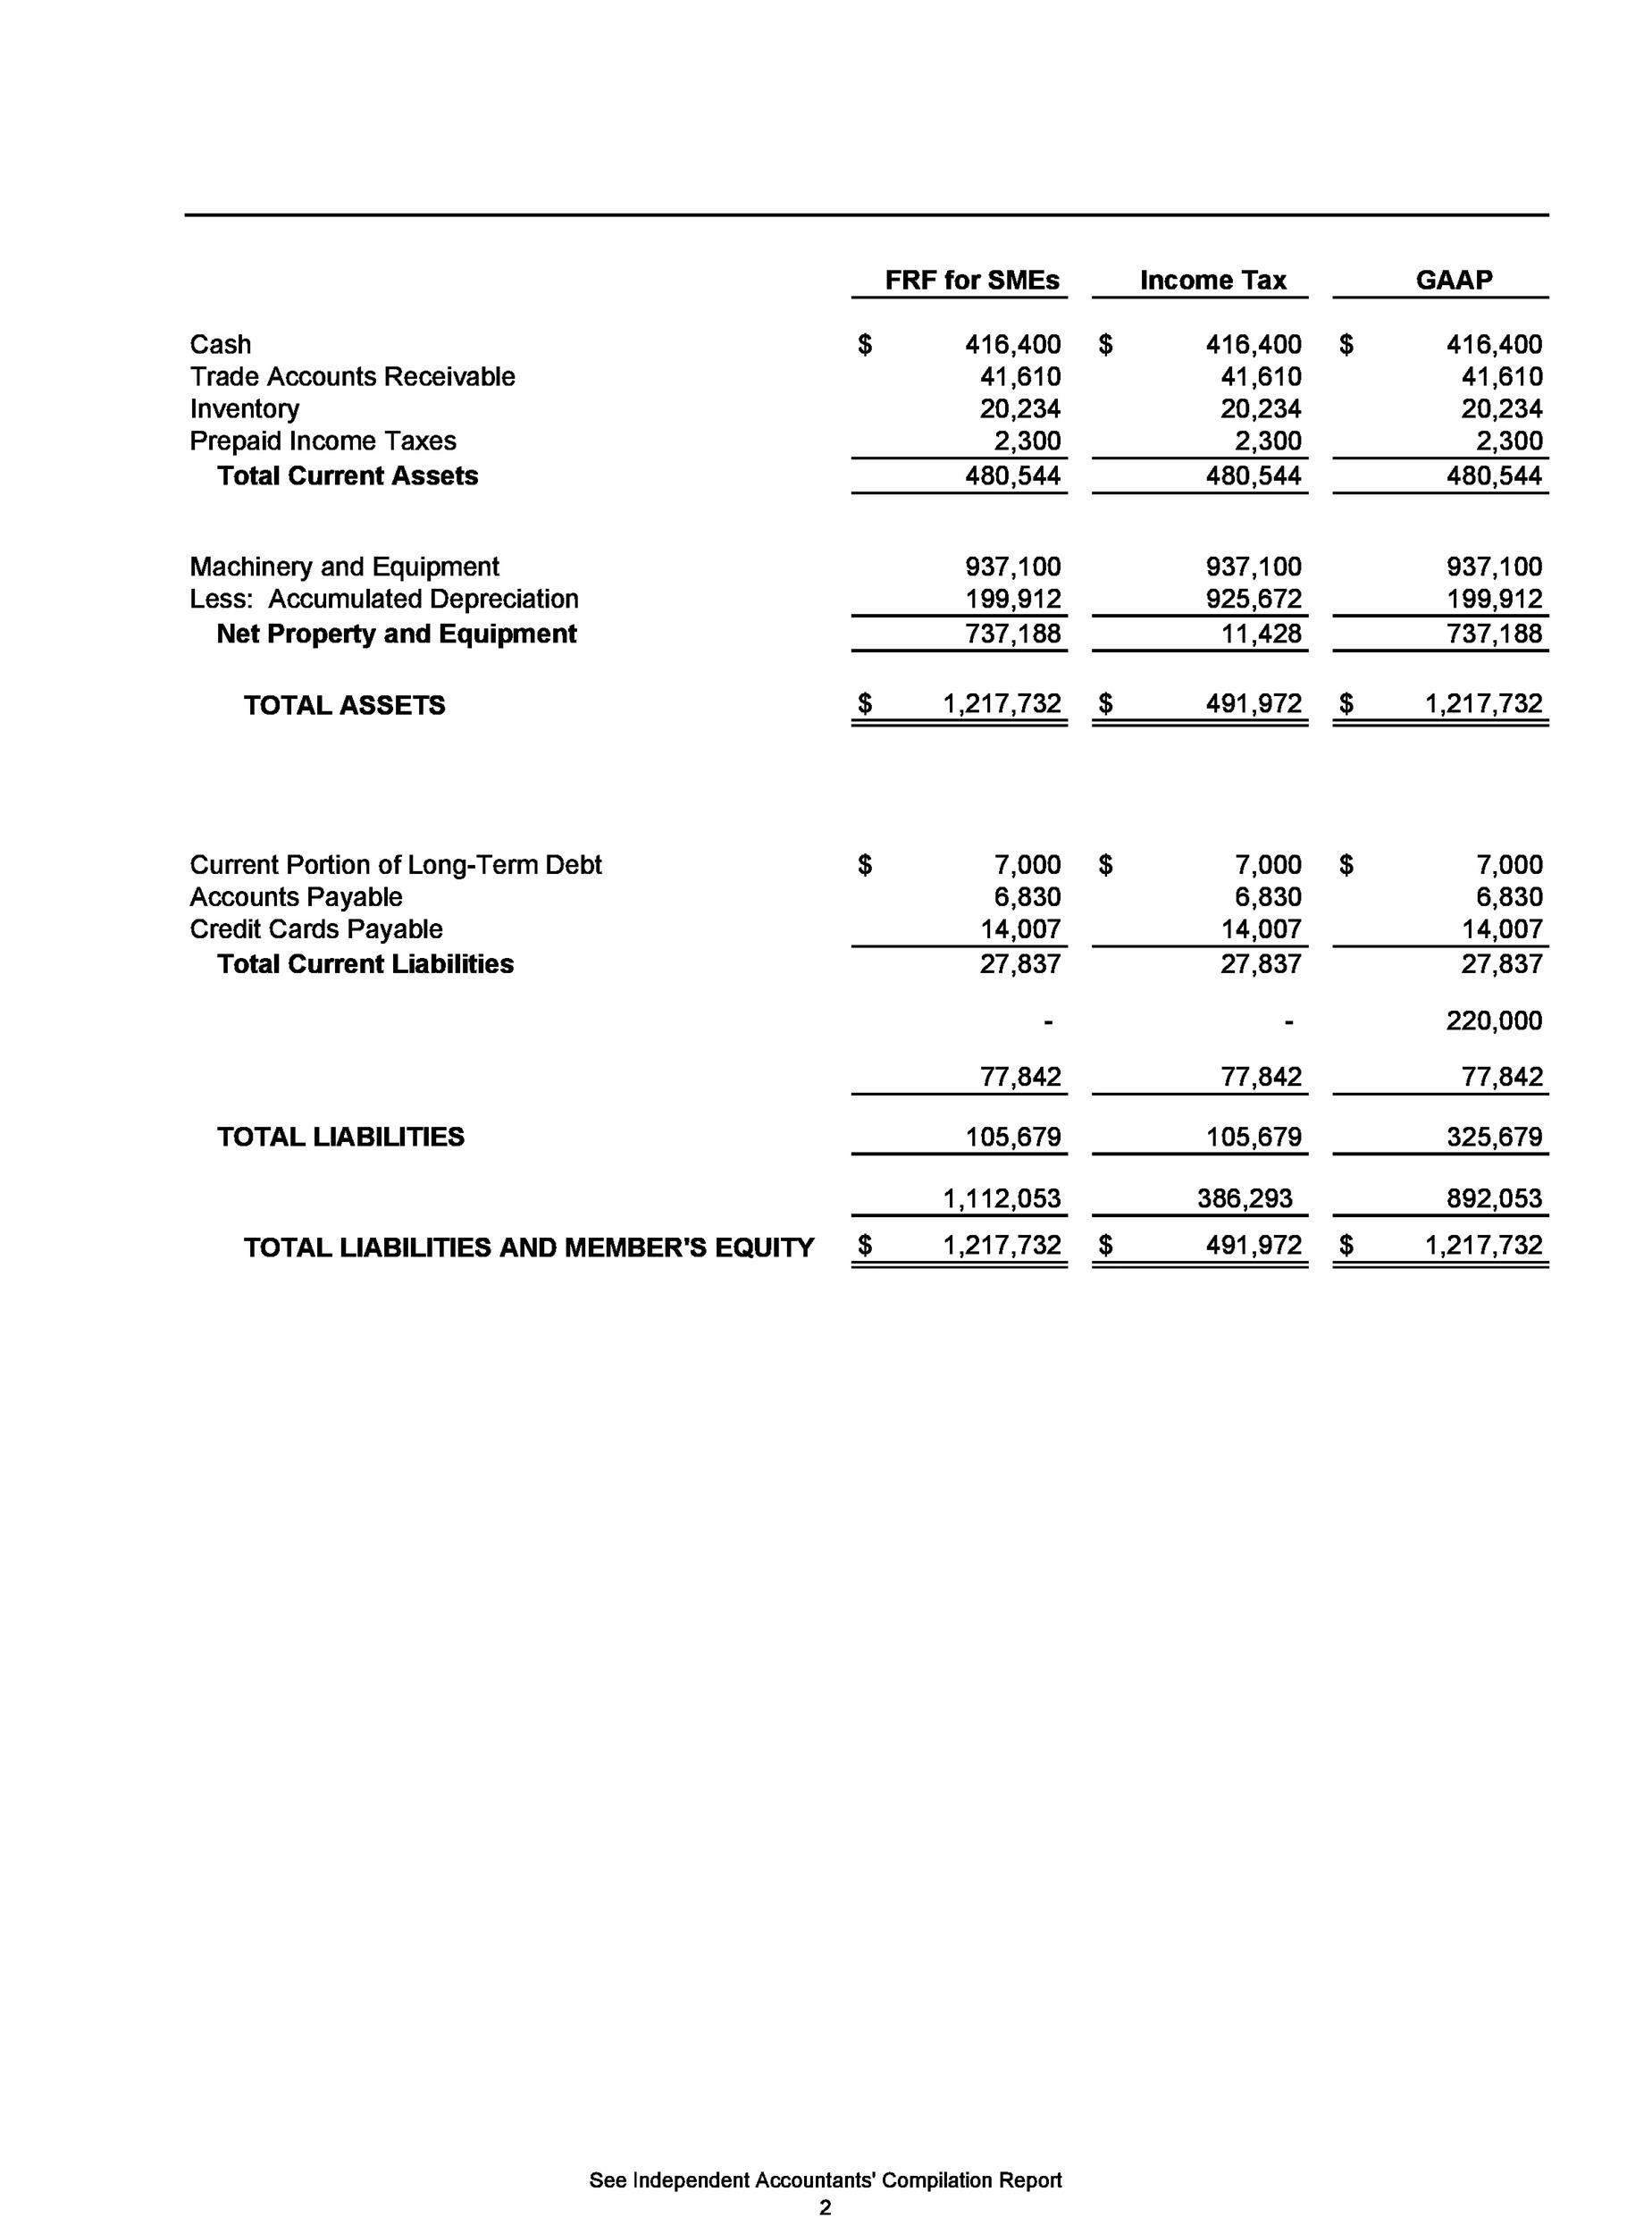 Free cash flow statement 14